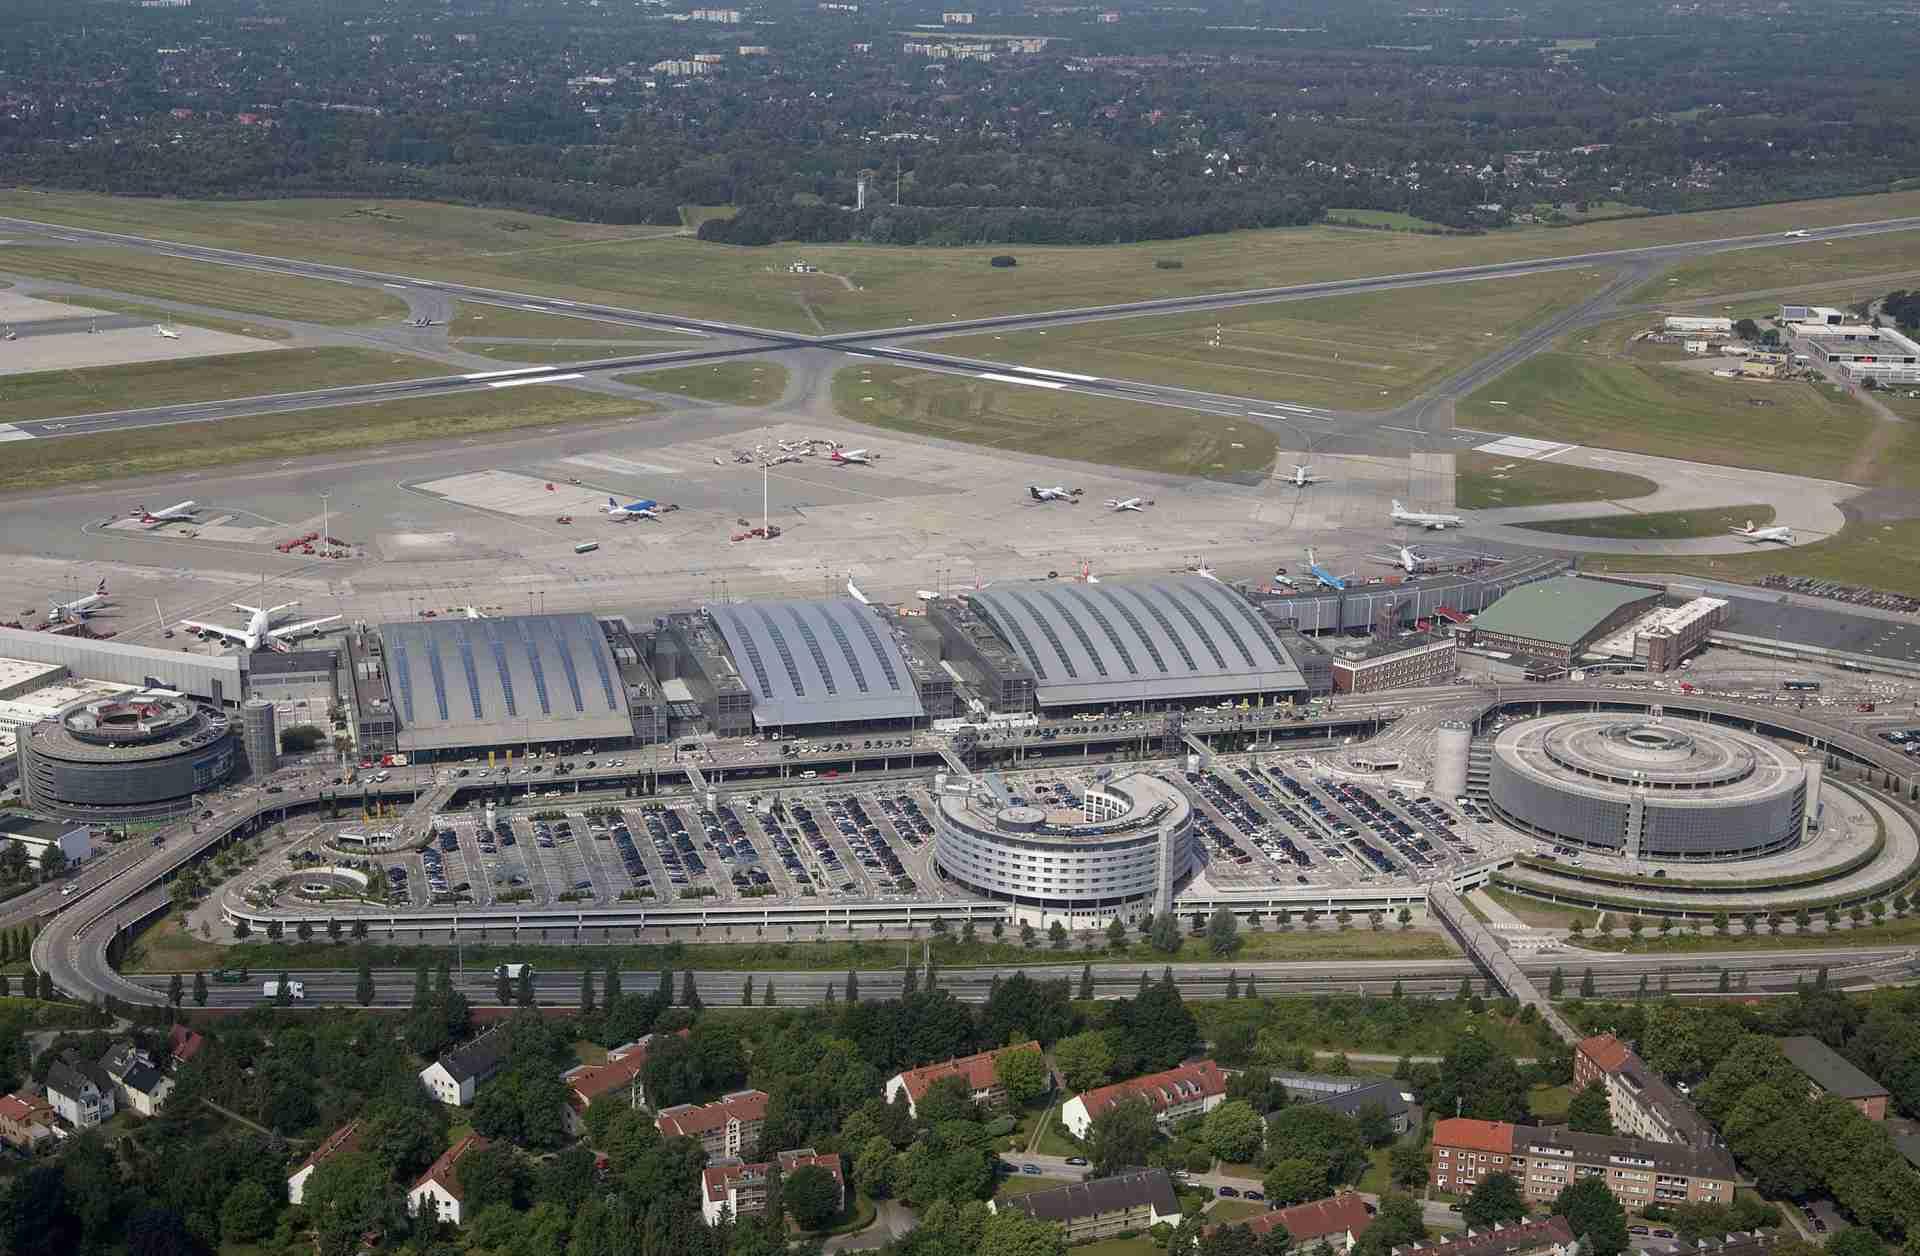 Flughafen Hamburg aus der Luftperspektive